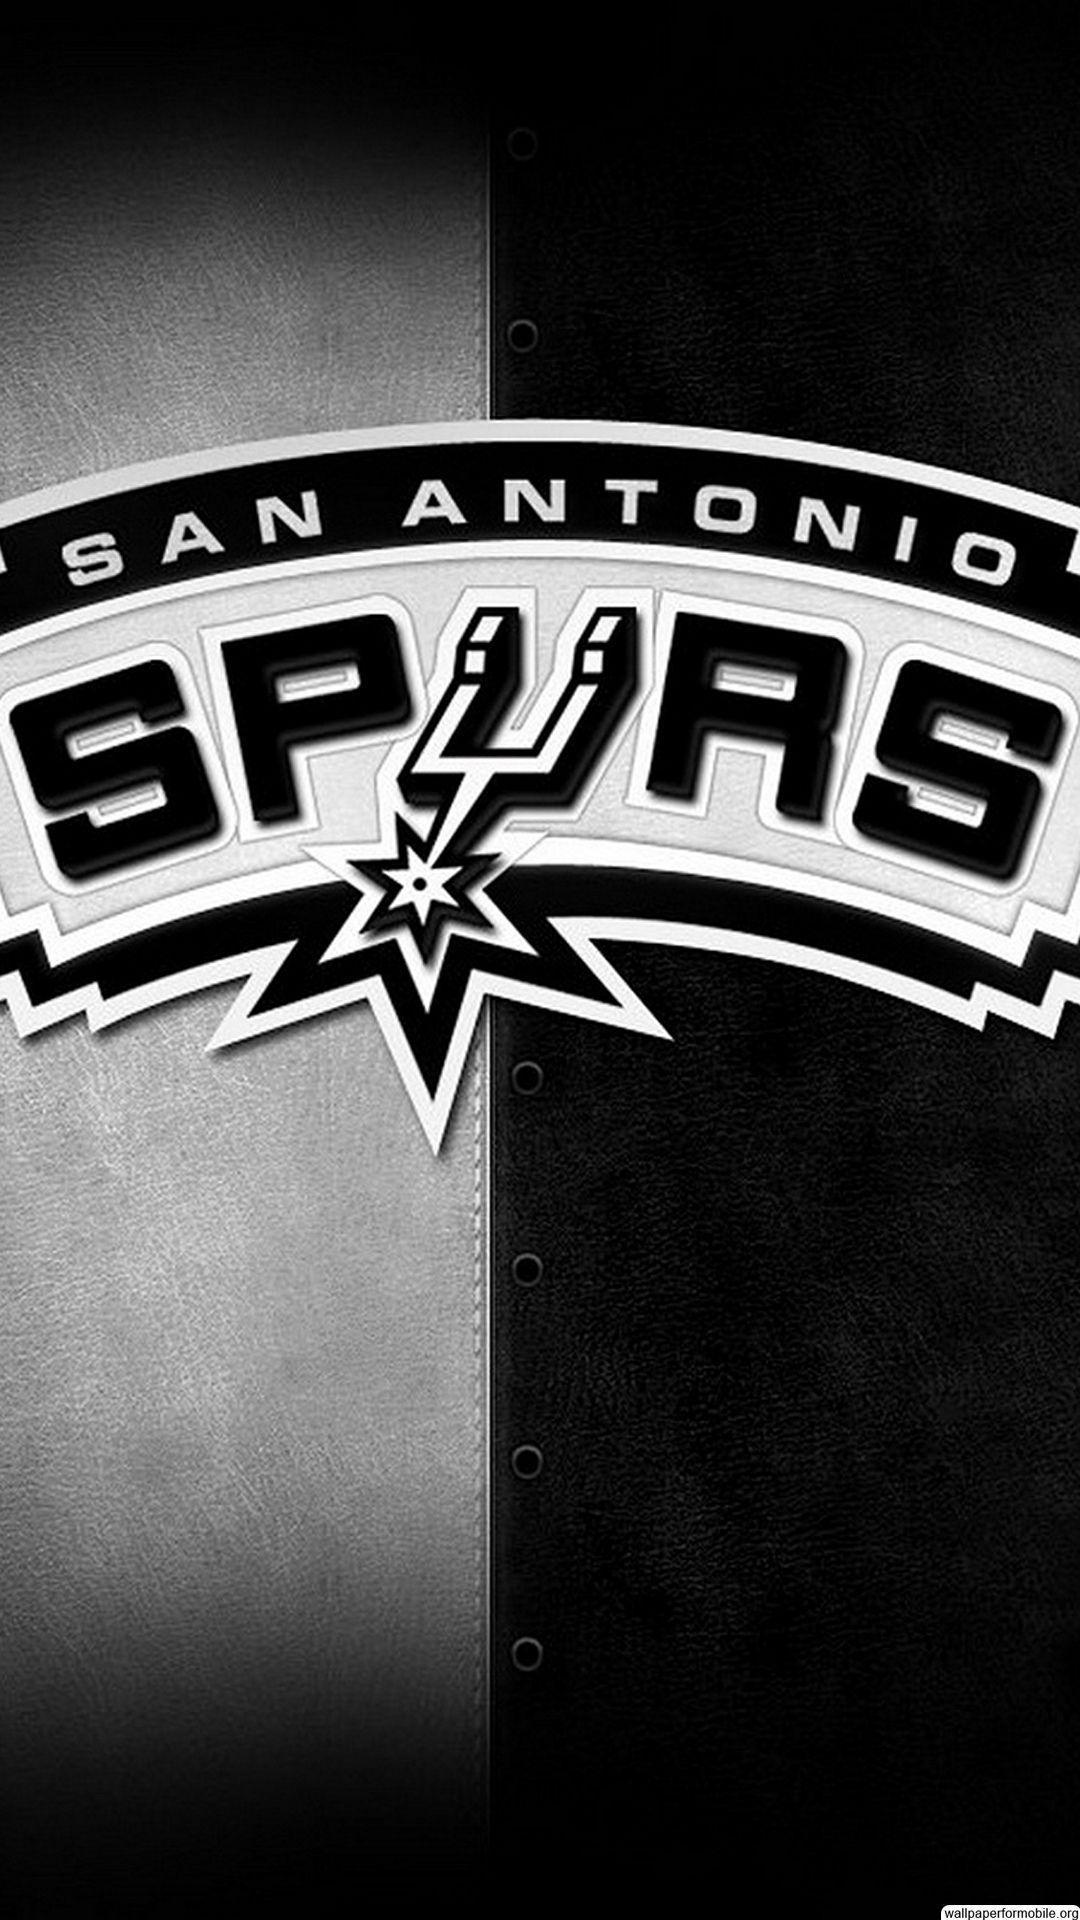 Sanantonio Spurs